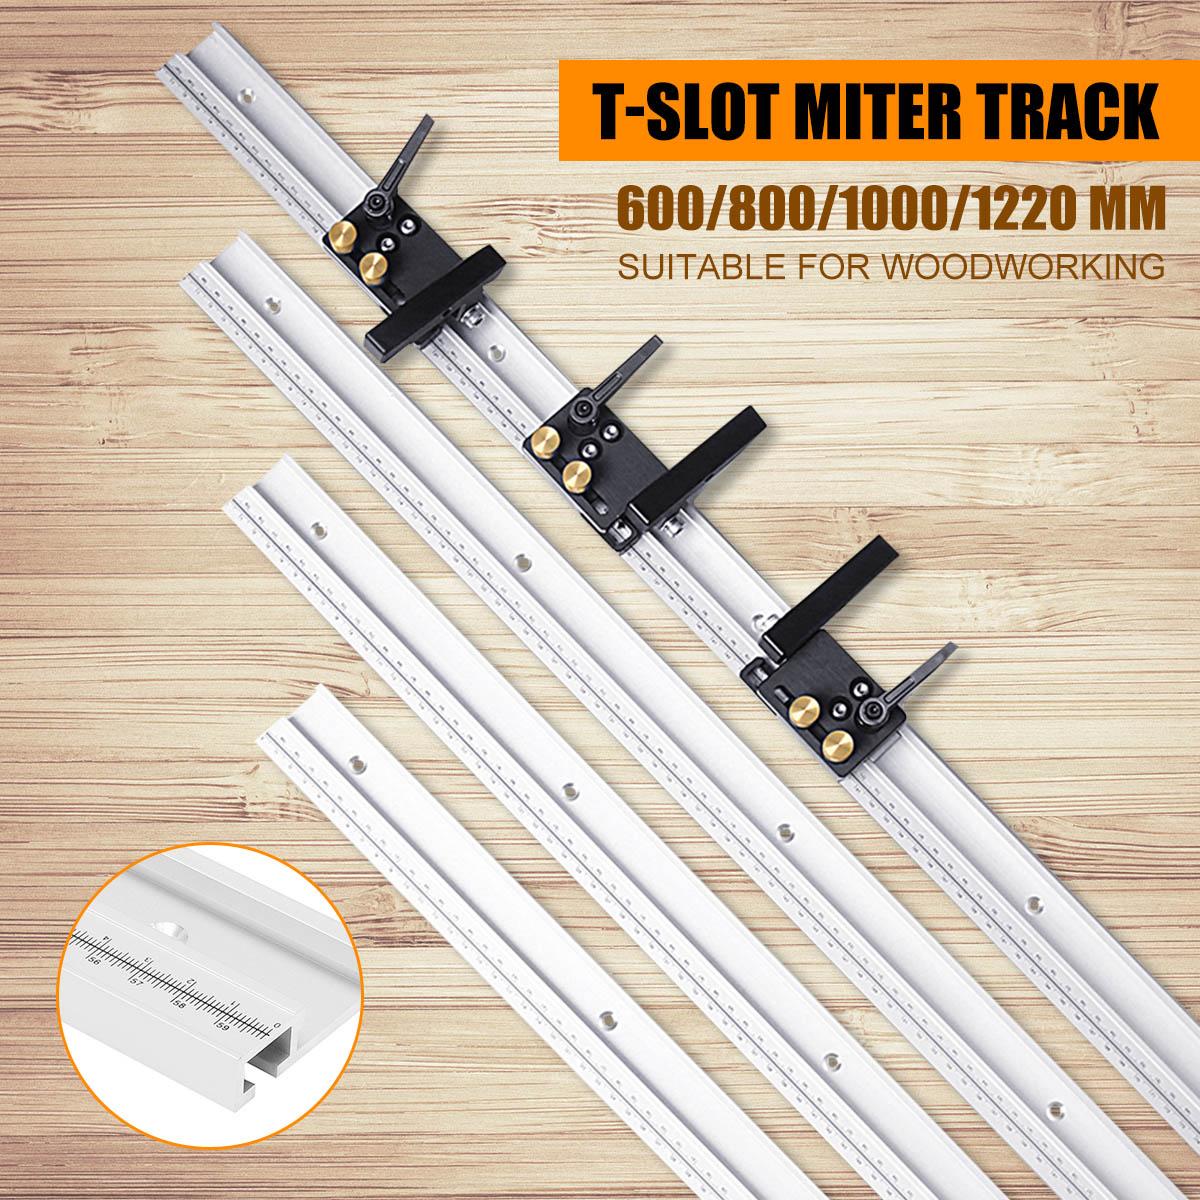 600/800/1000/1200mm אלומיניום סגסוגת T-מסלול נגרות T-חריץ מצנפת מסלול עם בקנה מידה/מצנפת מסלול להפסיק